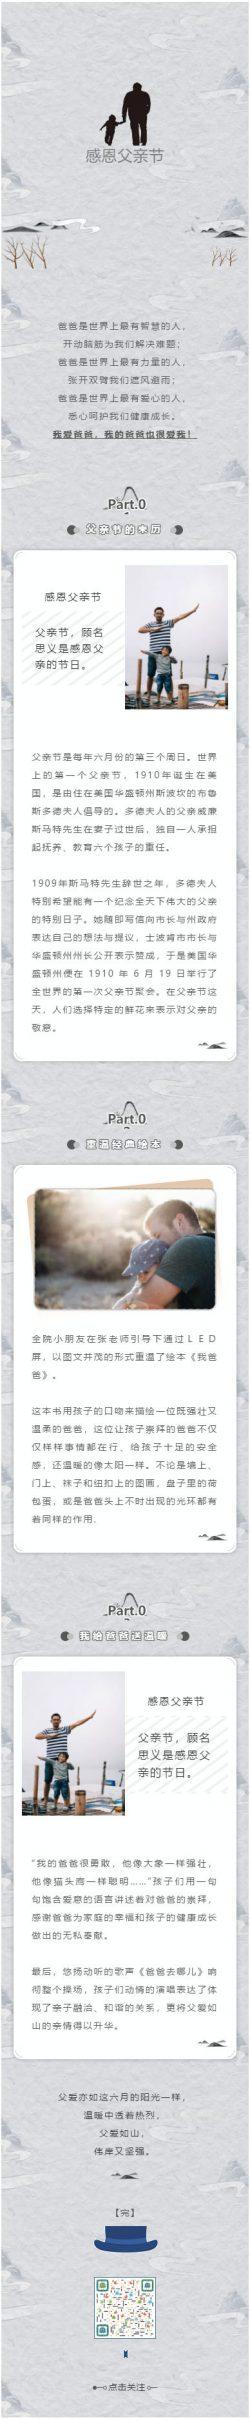 微信公众号感恩父亲节推文模板推送图文素材